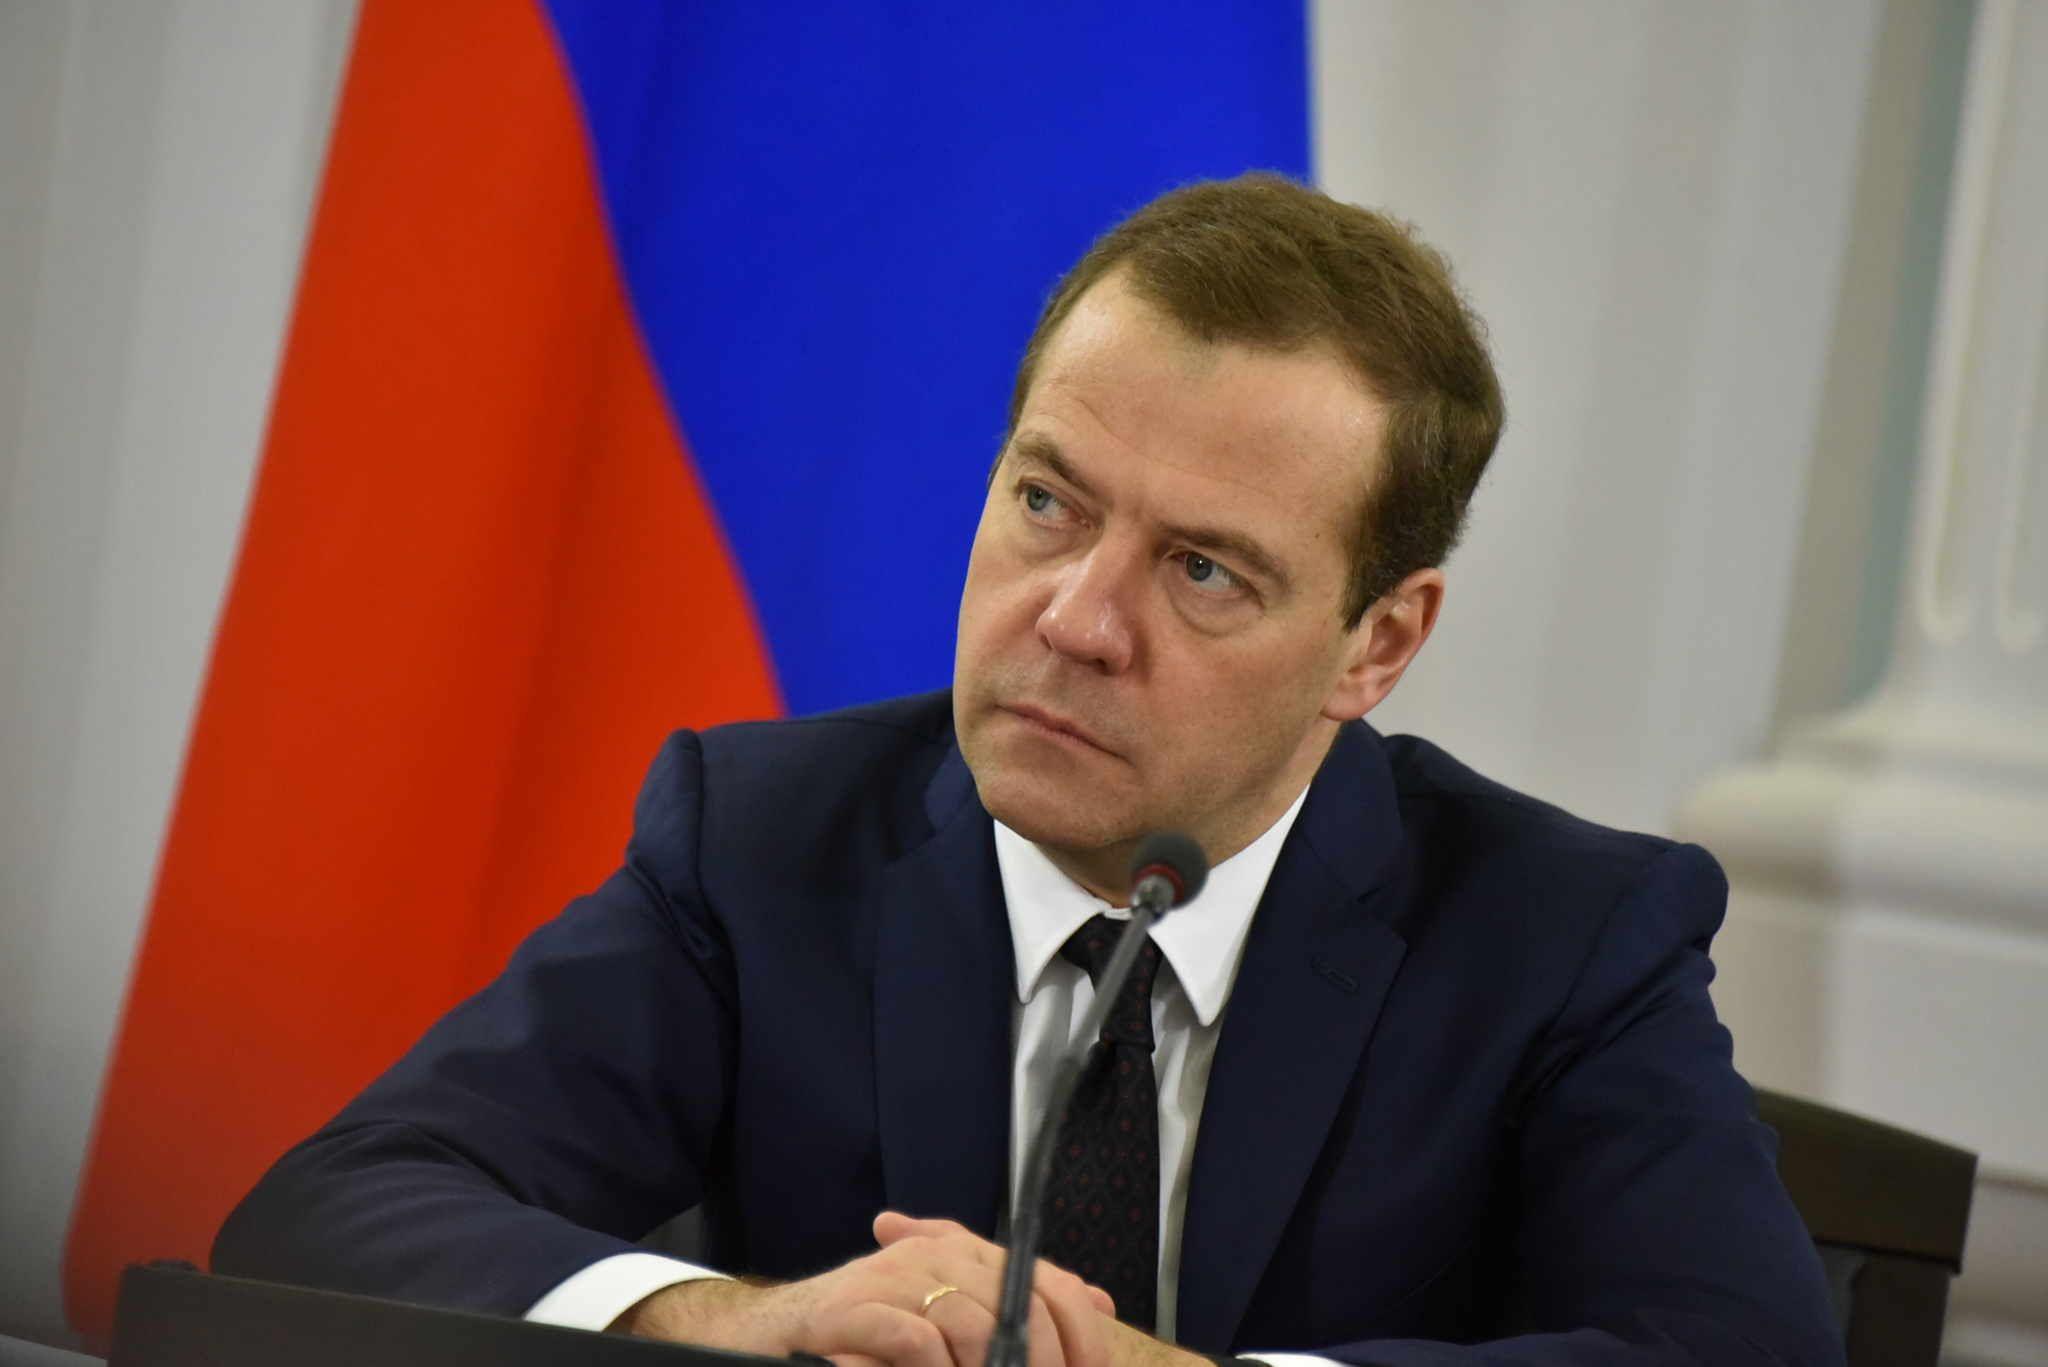 Дмитрий Медведев разрешил Москве запустить беспилотные автомобили